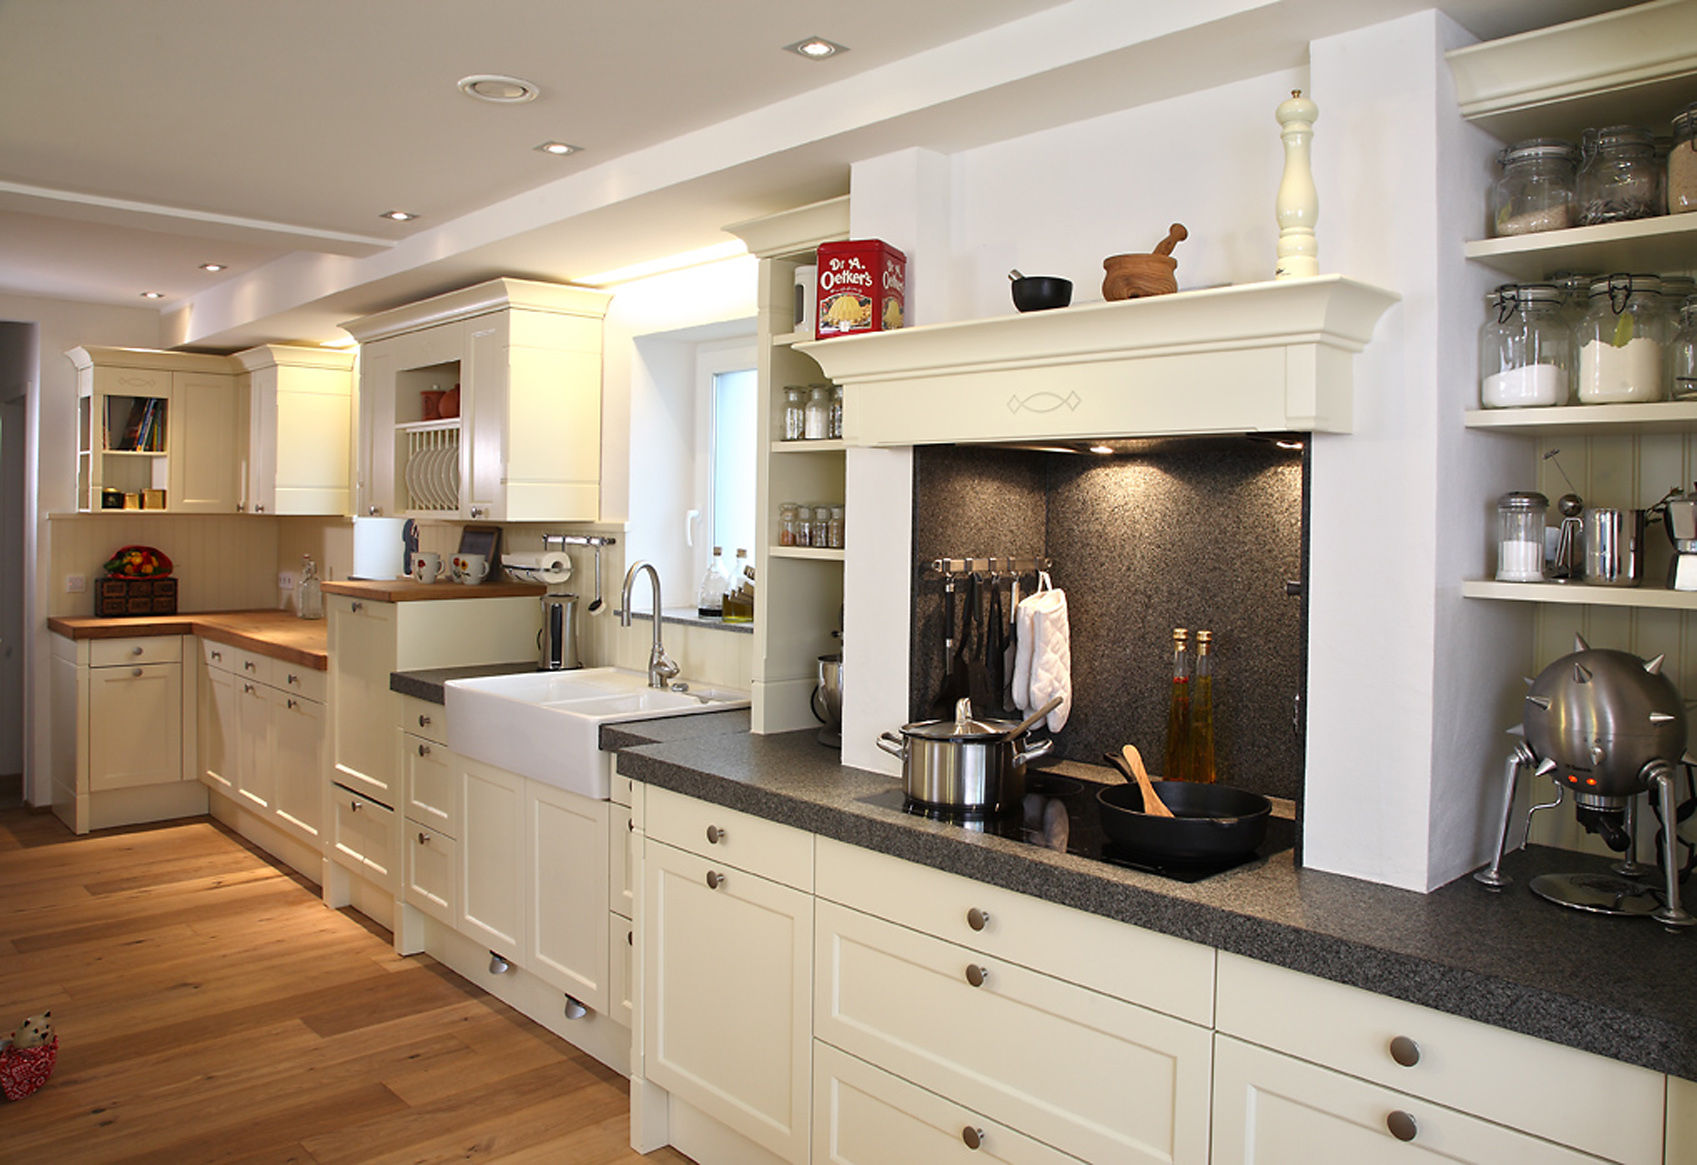 k che im landhaus stil mit kochnische. Black Bedroom Furniture Sets. Home Design Ideas